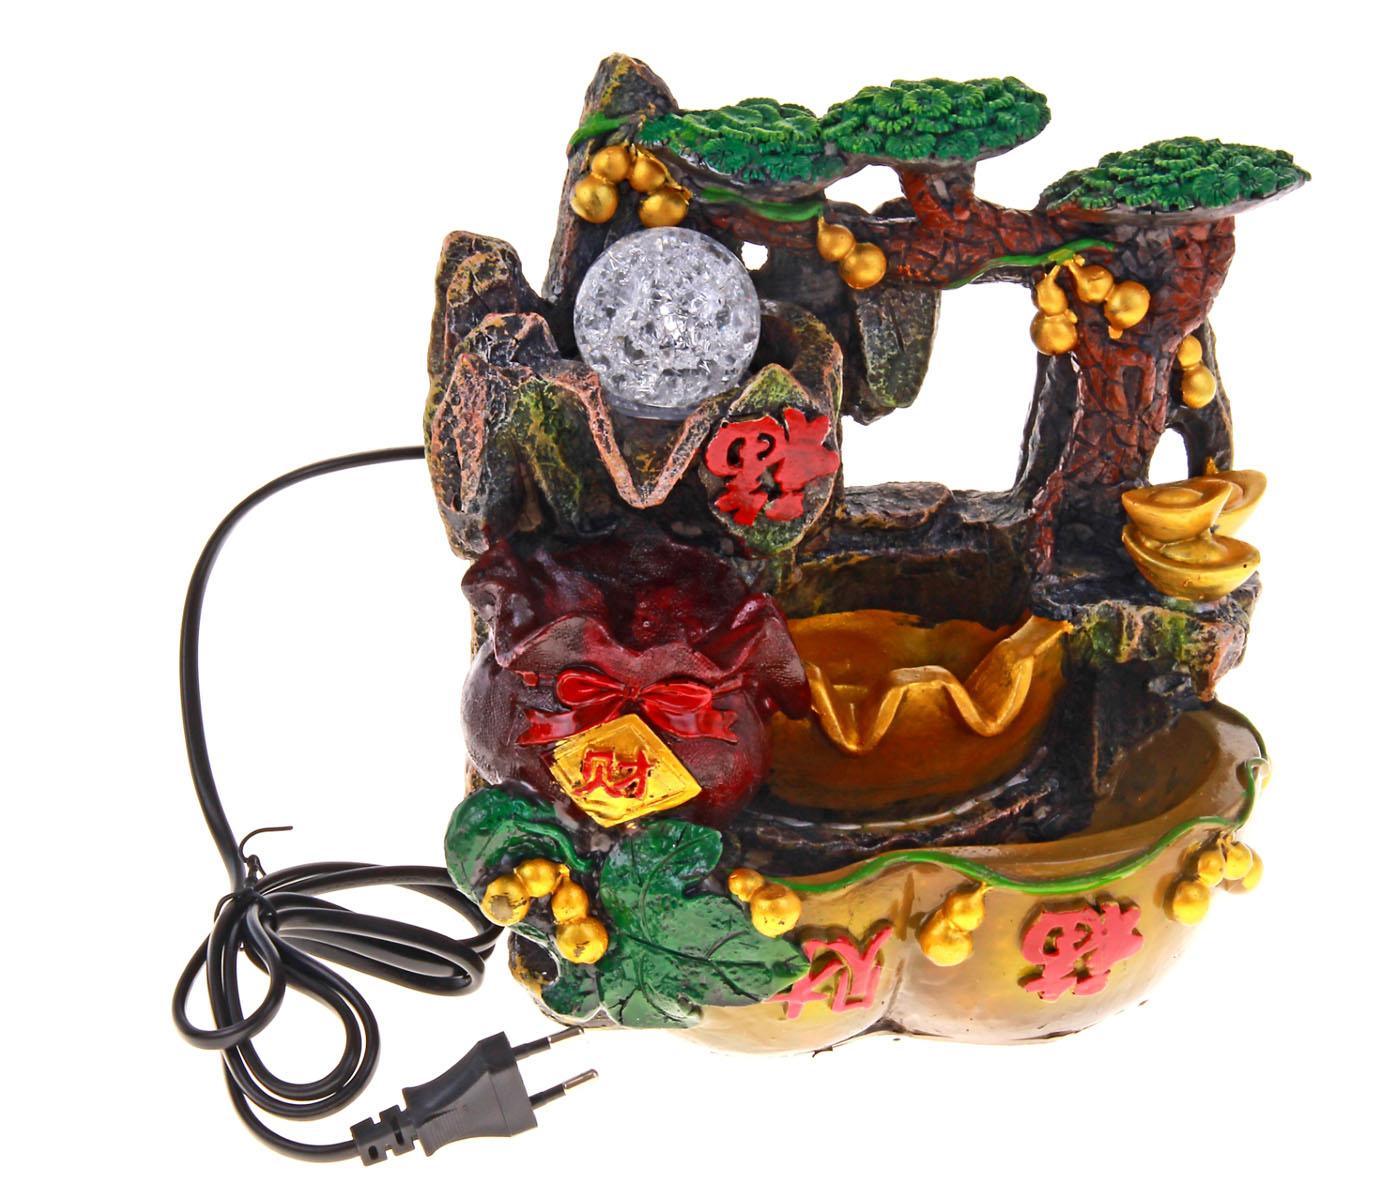 Фонтан Sima-land Фэн-шуй к богатству54 009312Фонтан Sima-land Фэн-шуй к богатству изготовлен из высококачественного полистоуна. Фонтан выполнен в виде композиции из деревьев, мешка и иероглифов. Журчание и вид воды, стекающей струями из миниатюрного фонтана, могут изменить облик вашего дома и сада, создавая атмосферу покоя. Вода в фонтане циркулирует при помощи электрического погружного центробежного насоса, входящего в комплект. Интерьерный фонтан хорошо увлажняет воздух, благотворно воздействуя на наш организм и создавая здоровый климат. УВАЖАЕМЫЕ КЛИЕНТЫ! Обращаем ваше внимание на то, что фонтан работает от сети 220V. Материал: Полистоун, стекло 1%, 220V